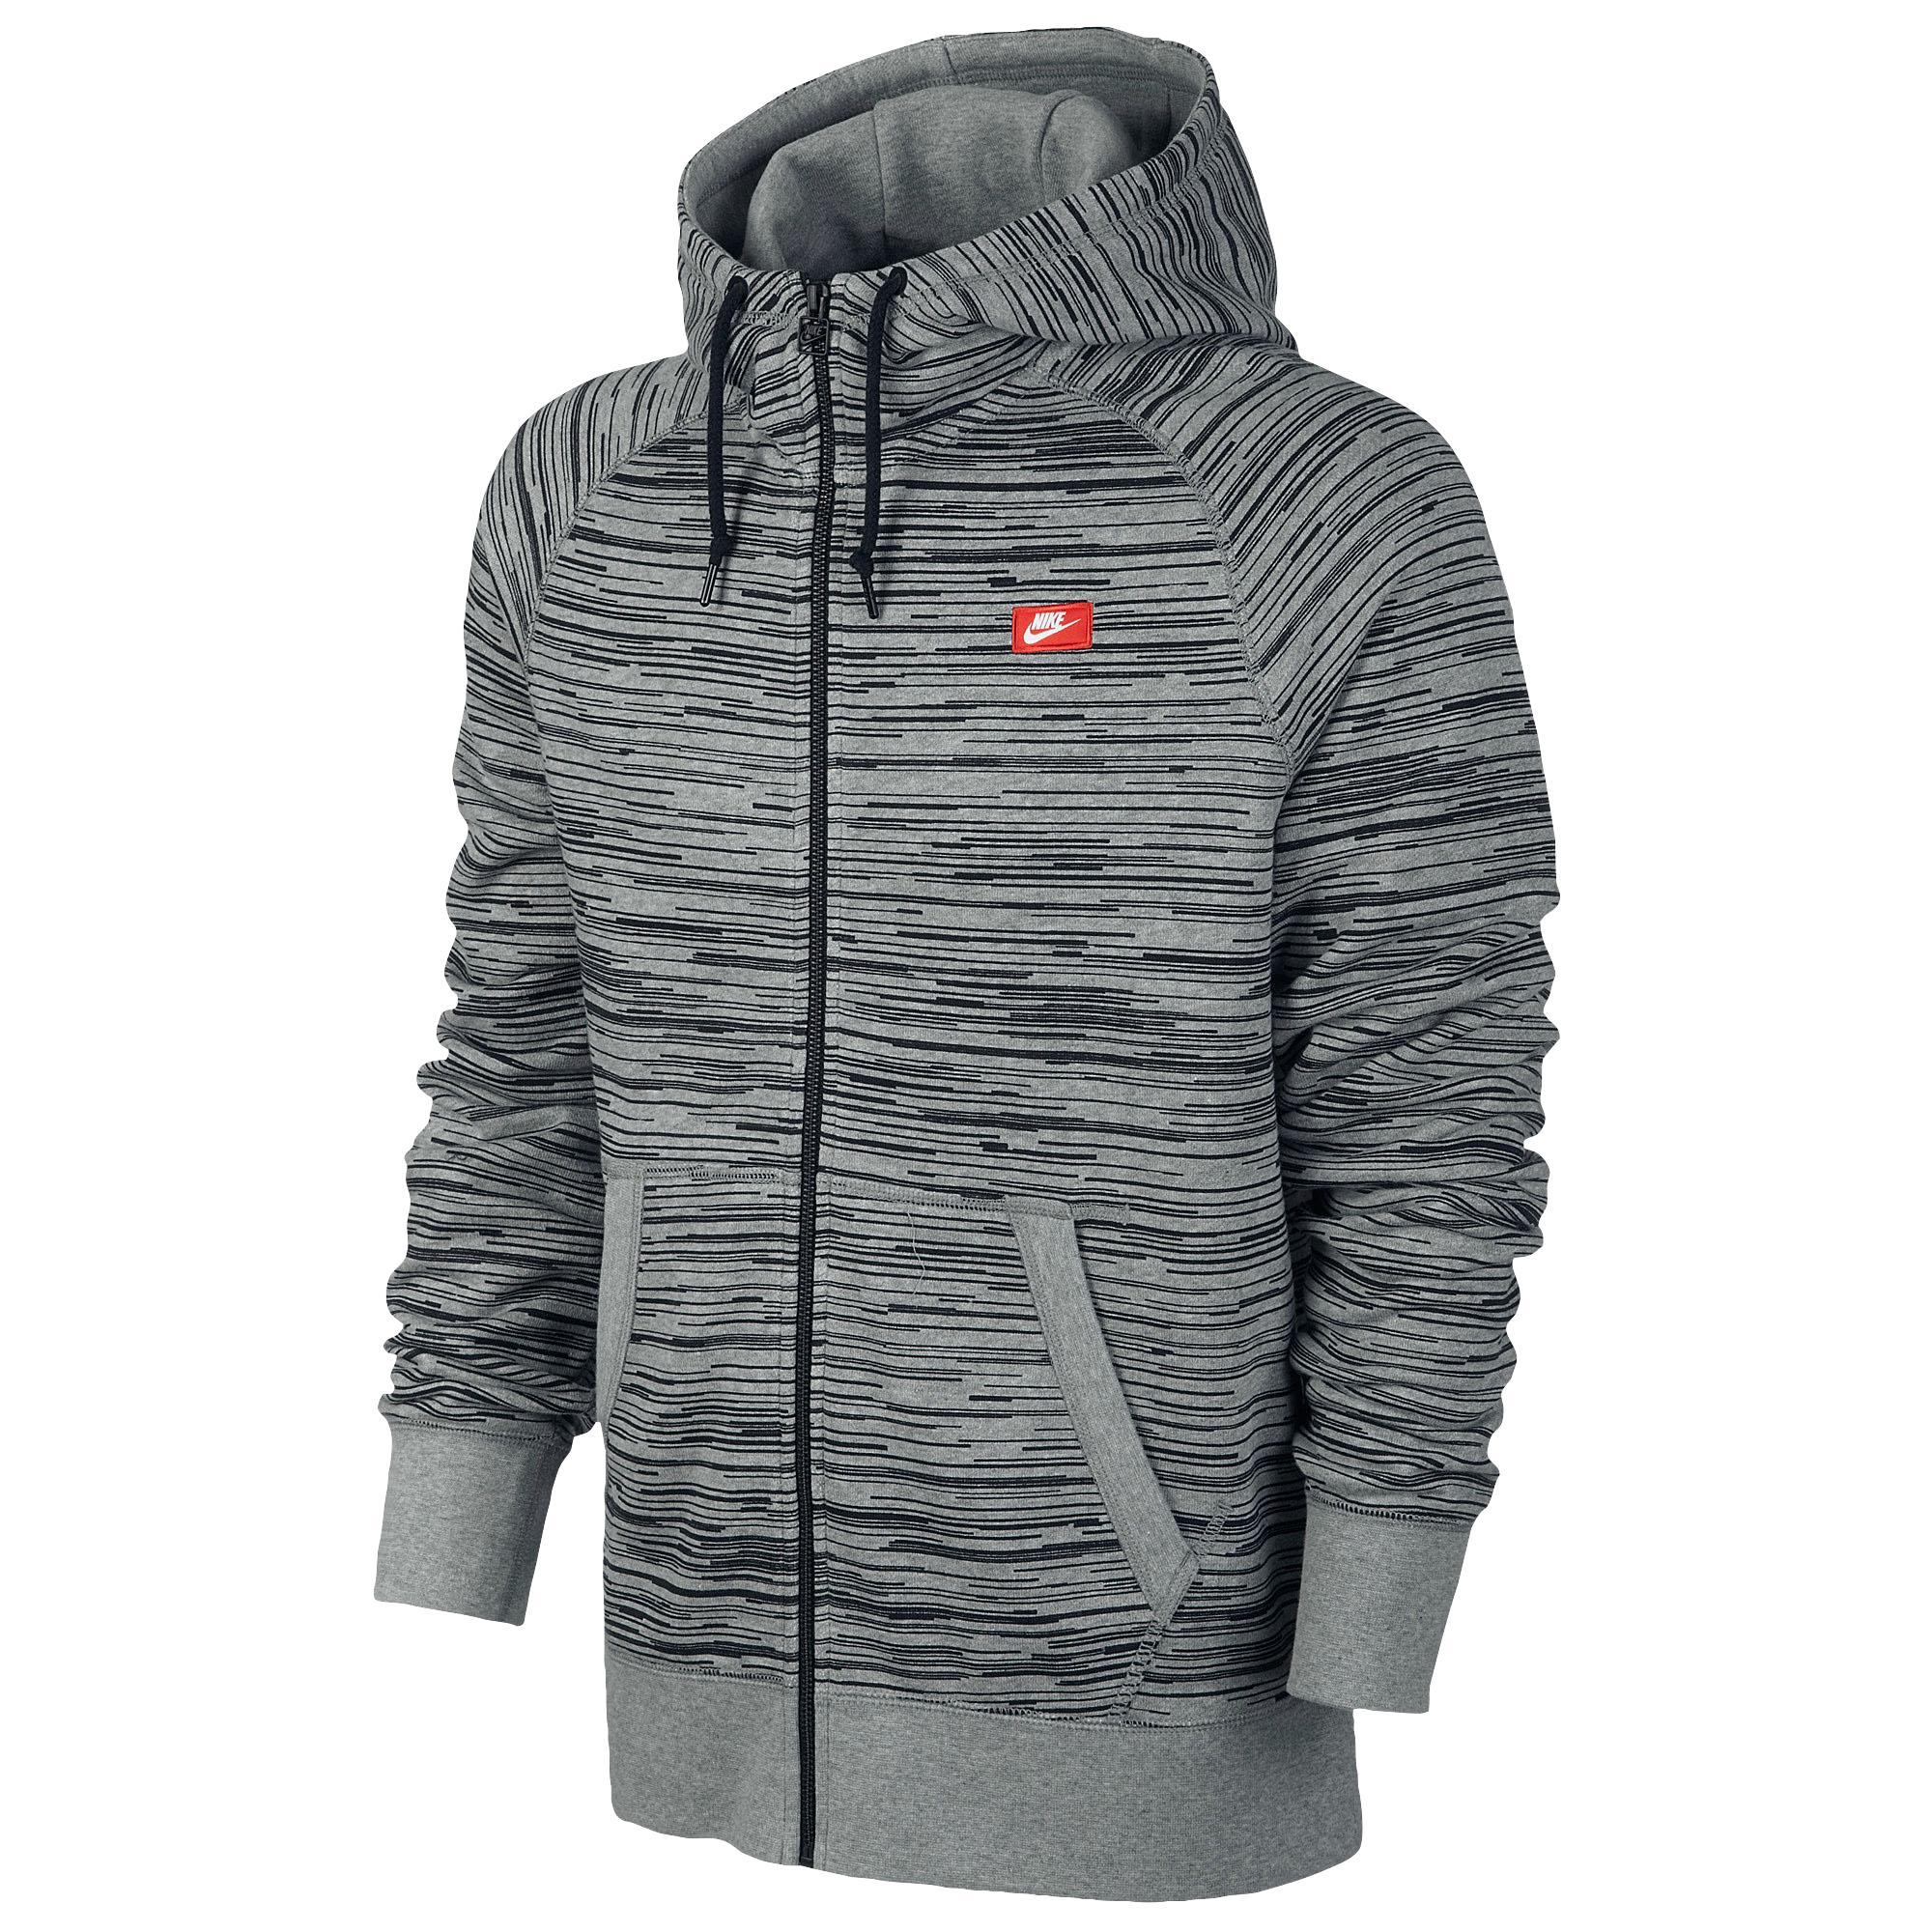 Lyst Nike Aw77 Full Zip Hoodie Aop Speed Stripe in Gray